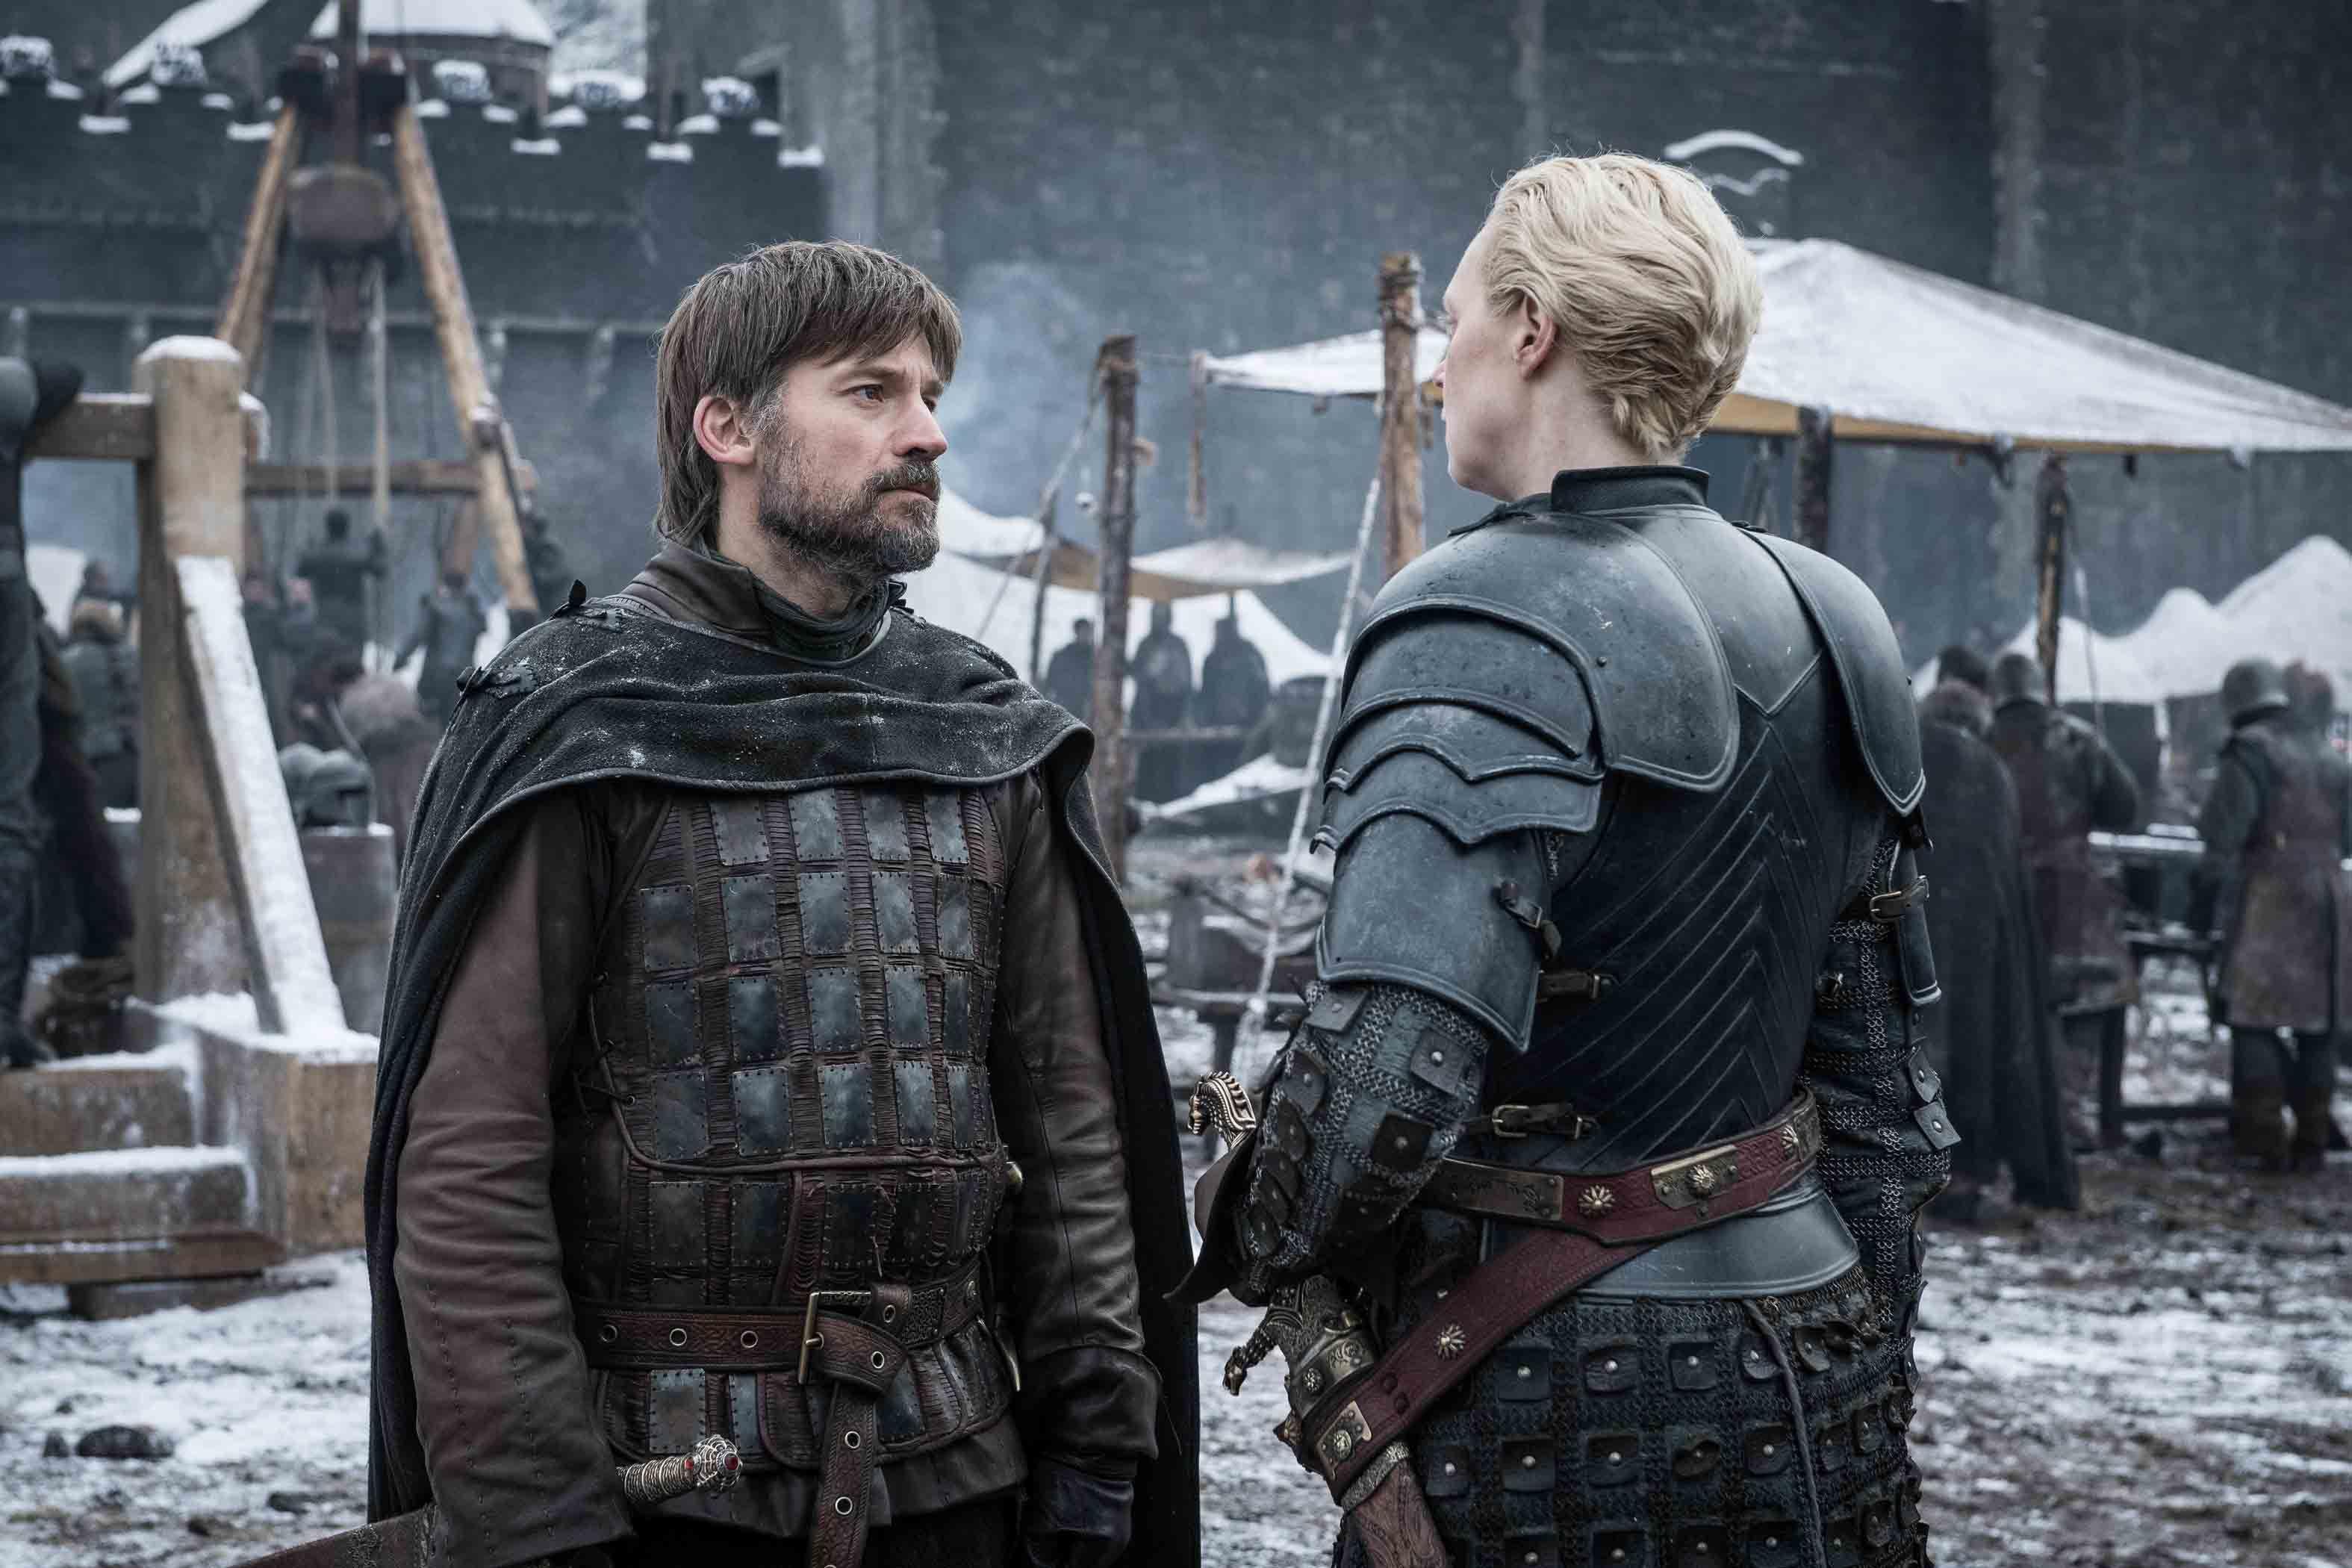 Game Of Thrones Season 2 Srt Subscene Subscene Subtitles for